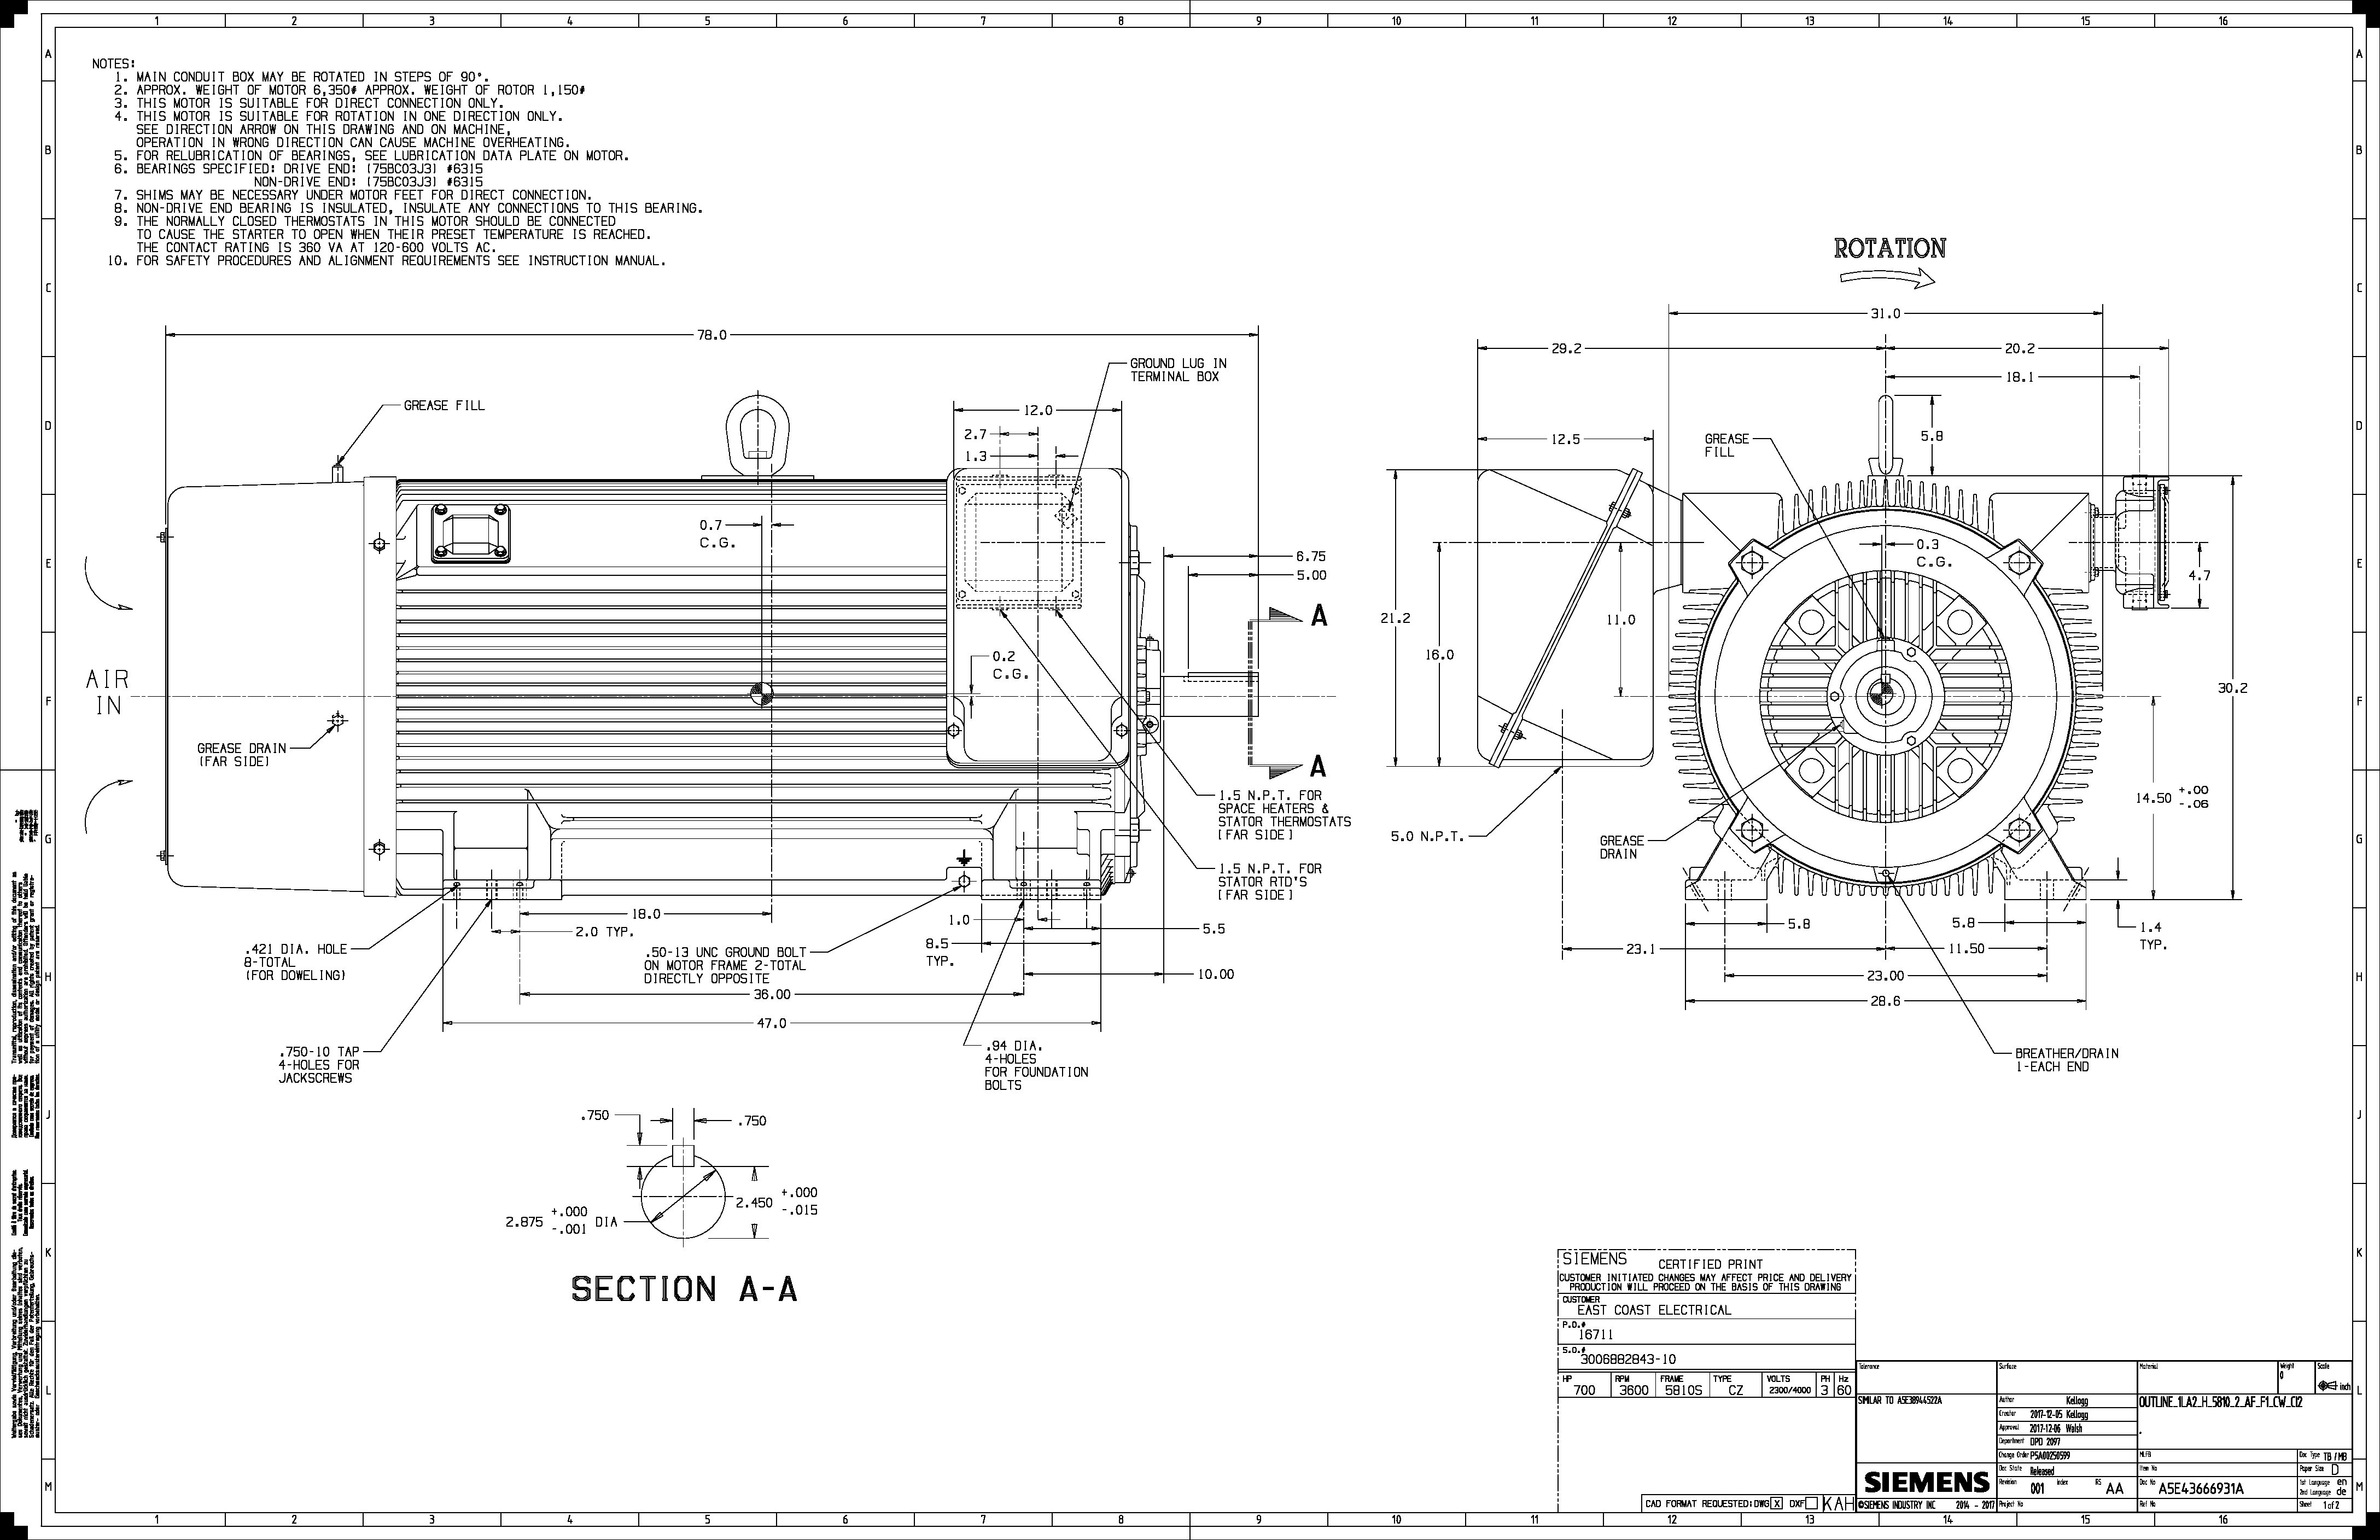 800 Hp Rpm Siemens Frame S Bbtefc V